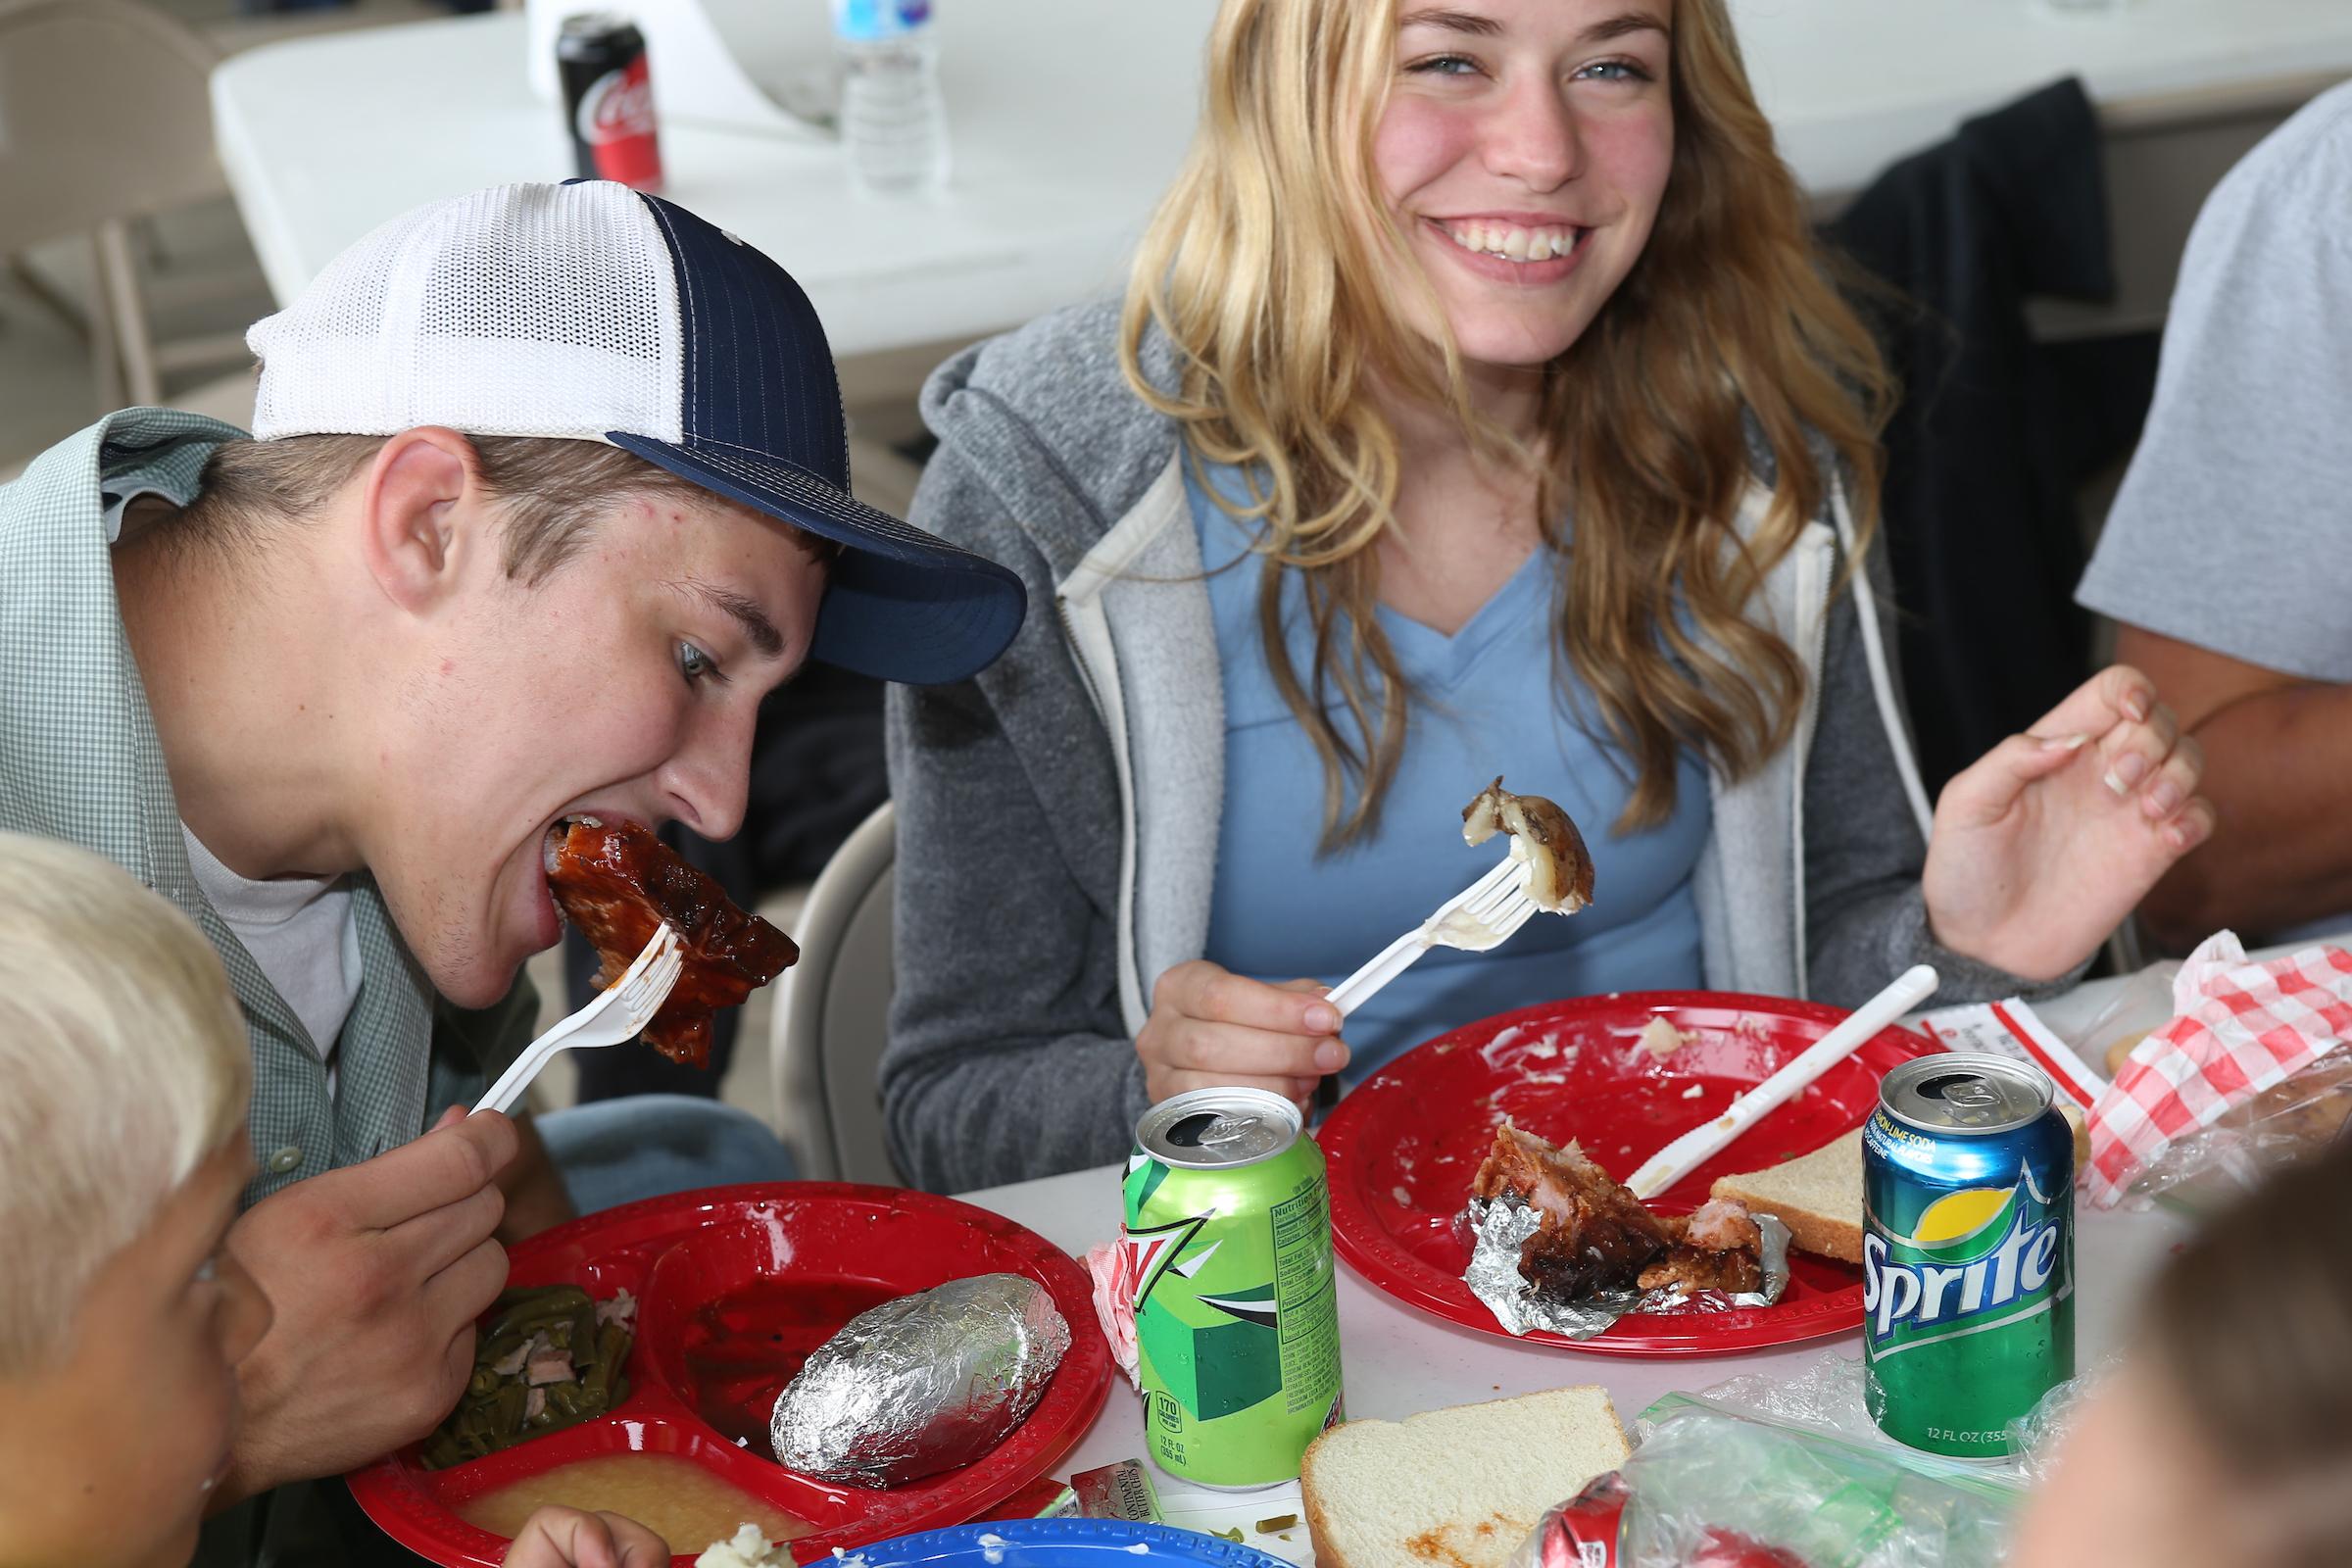 People eating.